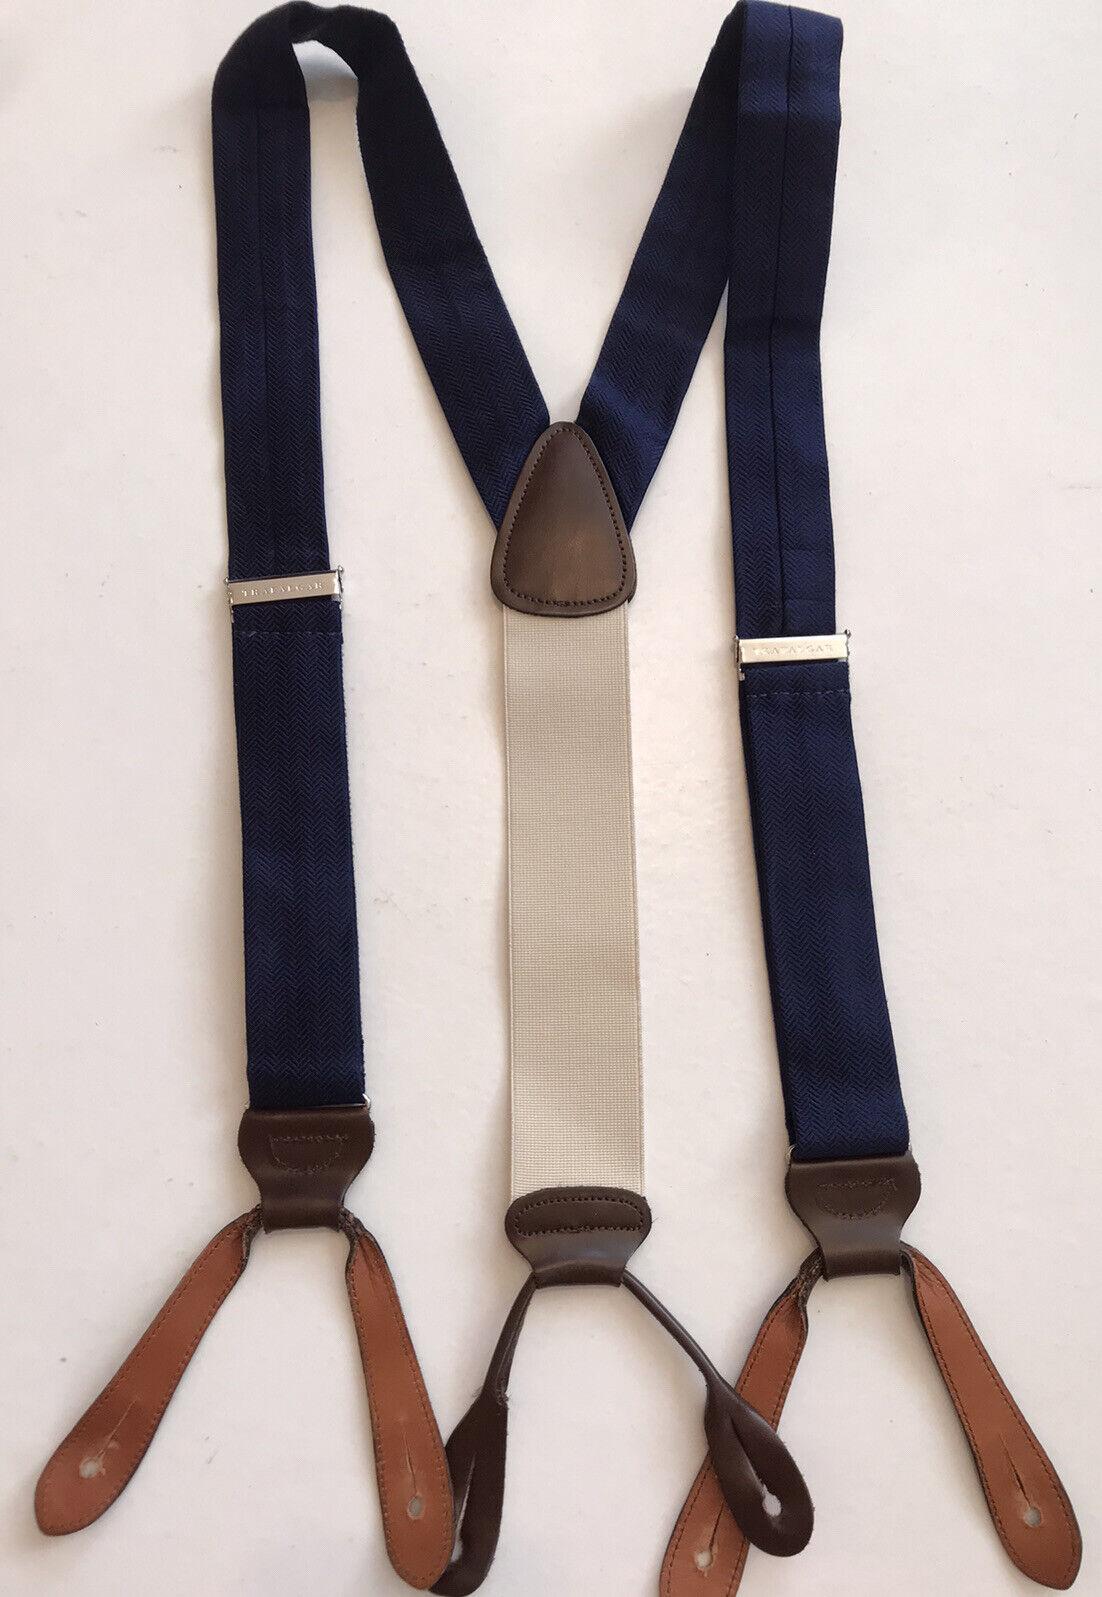 Trafalgar Suspenders Braces Silk Navy Blue White Dark Brown Leather Brass